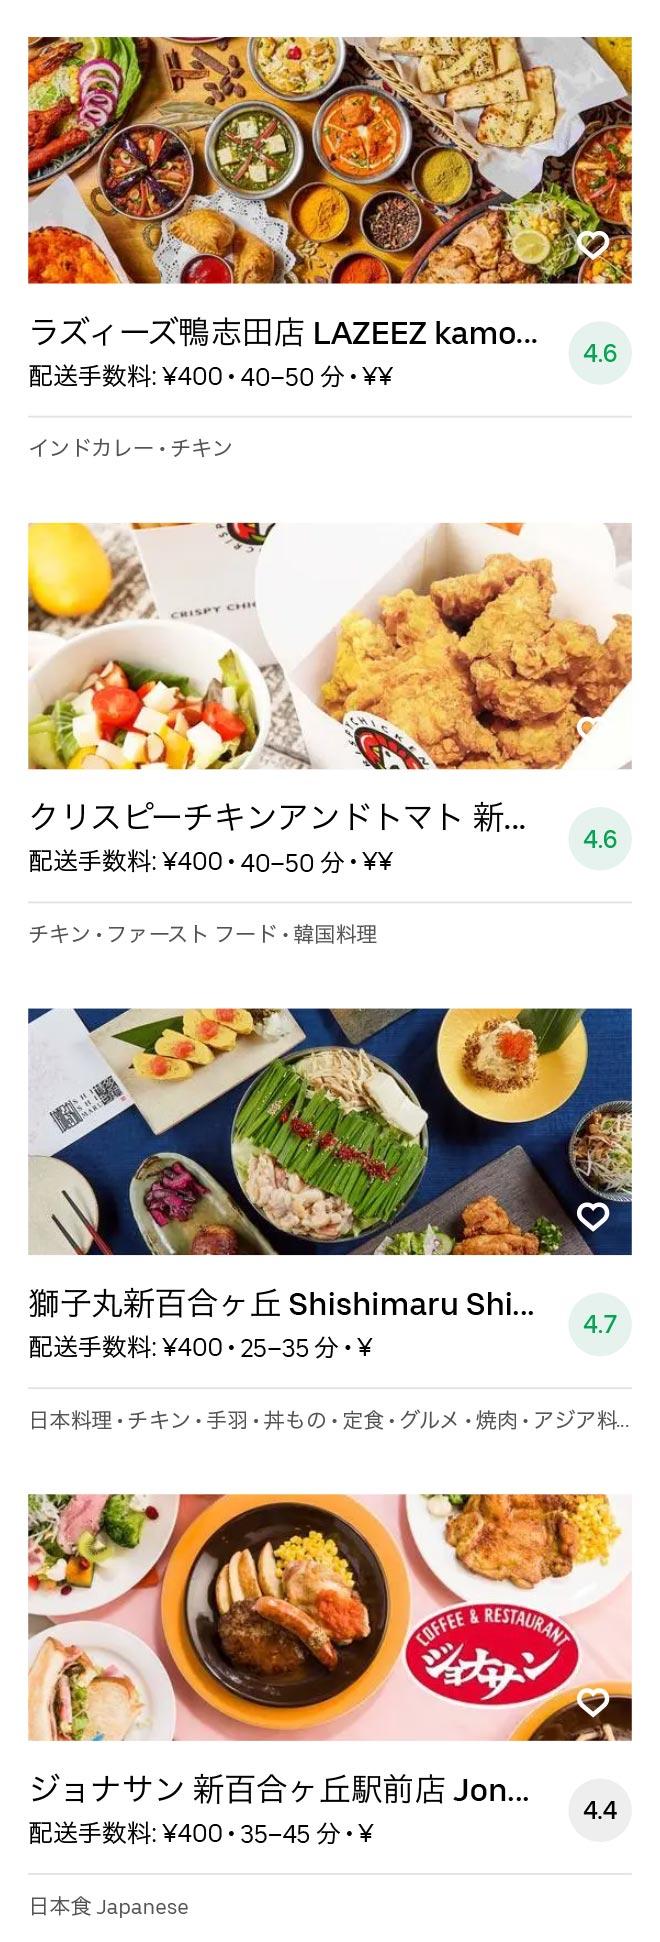 Tsurukawa menu 2010 10